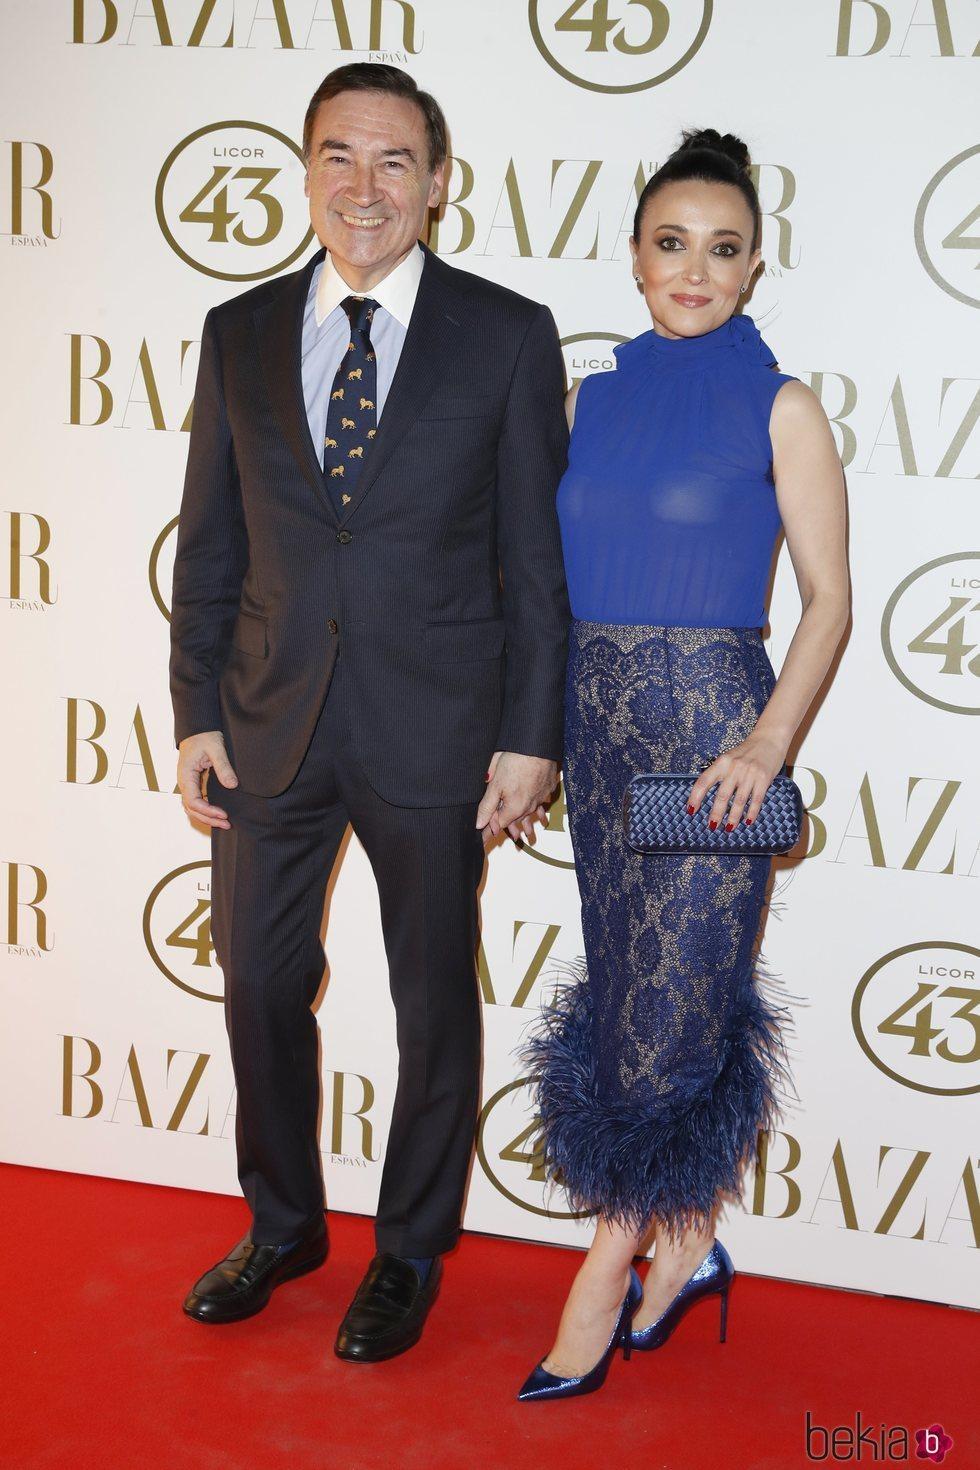 Pedro J. Ramírez y Cruz Sánchez en la alfombra roja de los Premios Harper's Bazaar Actitud 43 2018